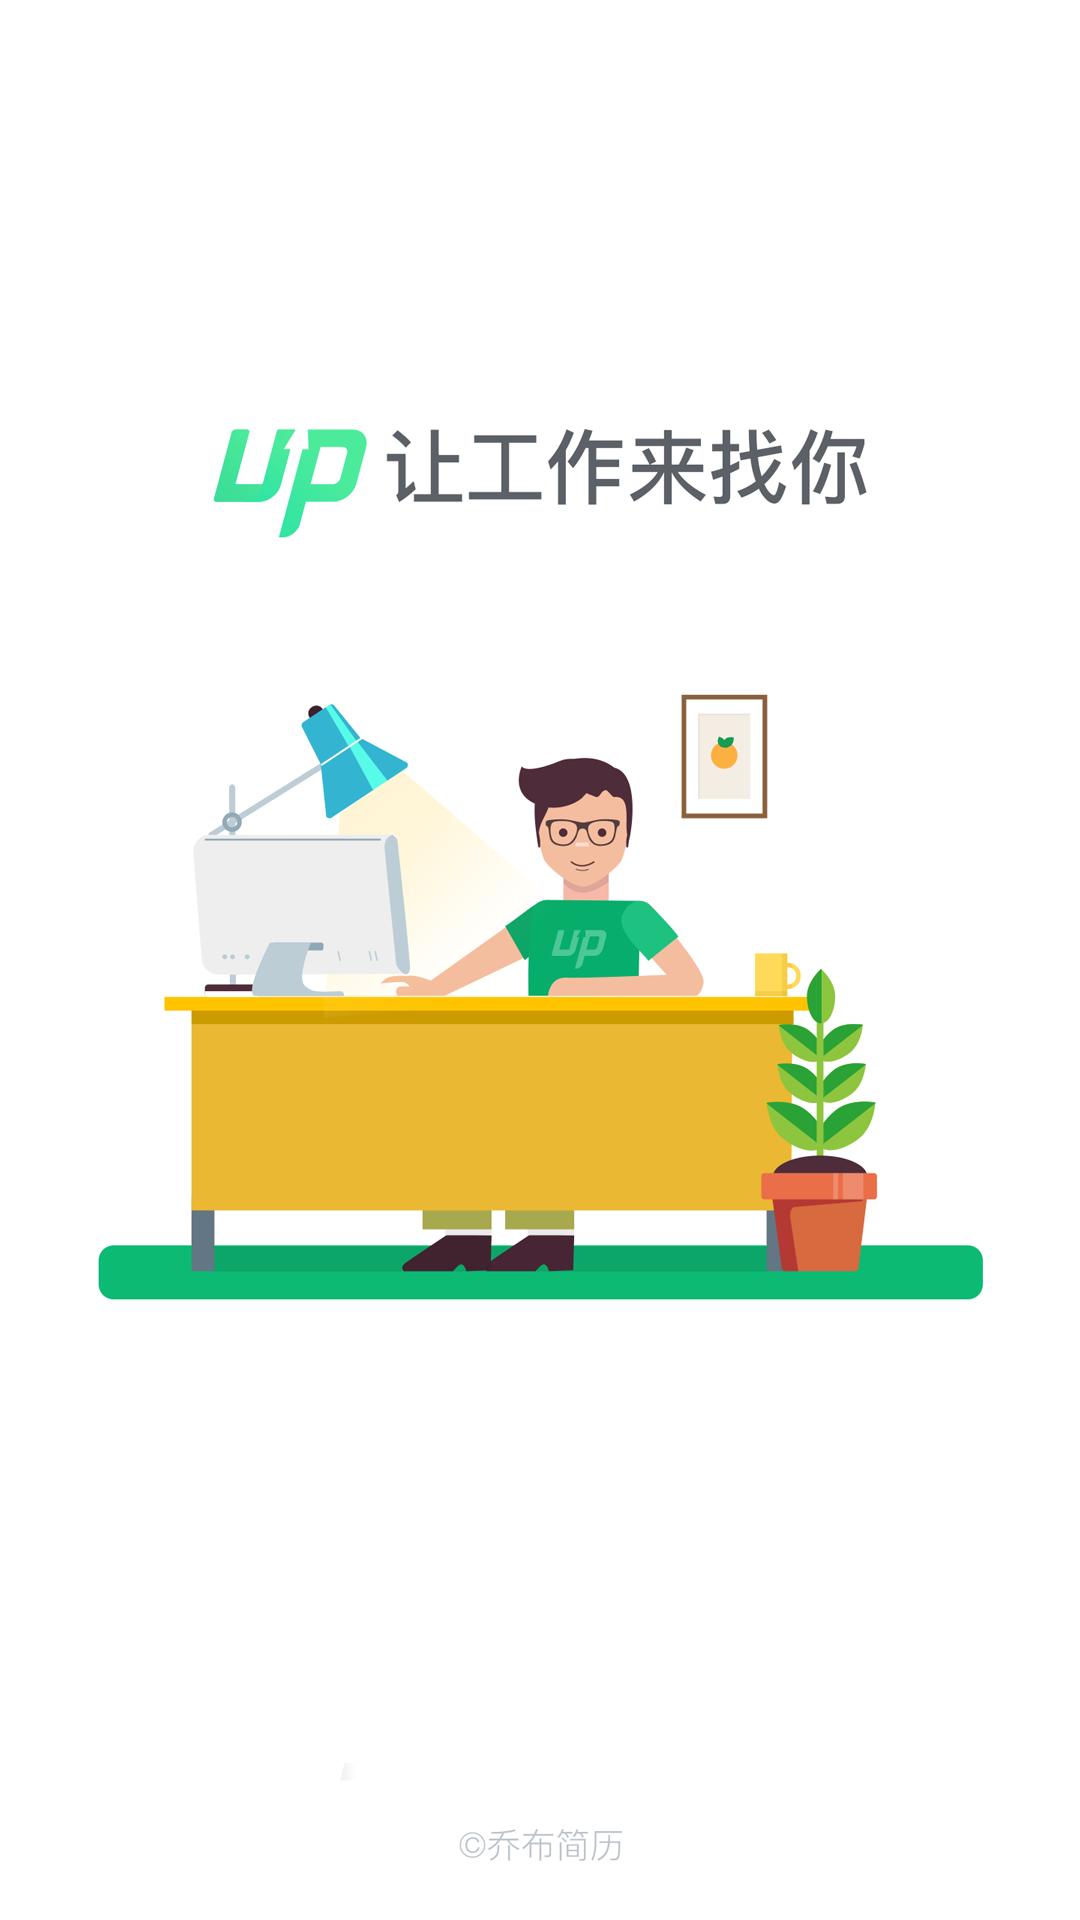 UP-让工作来找你